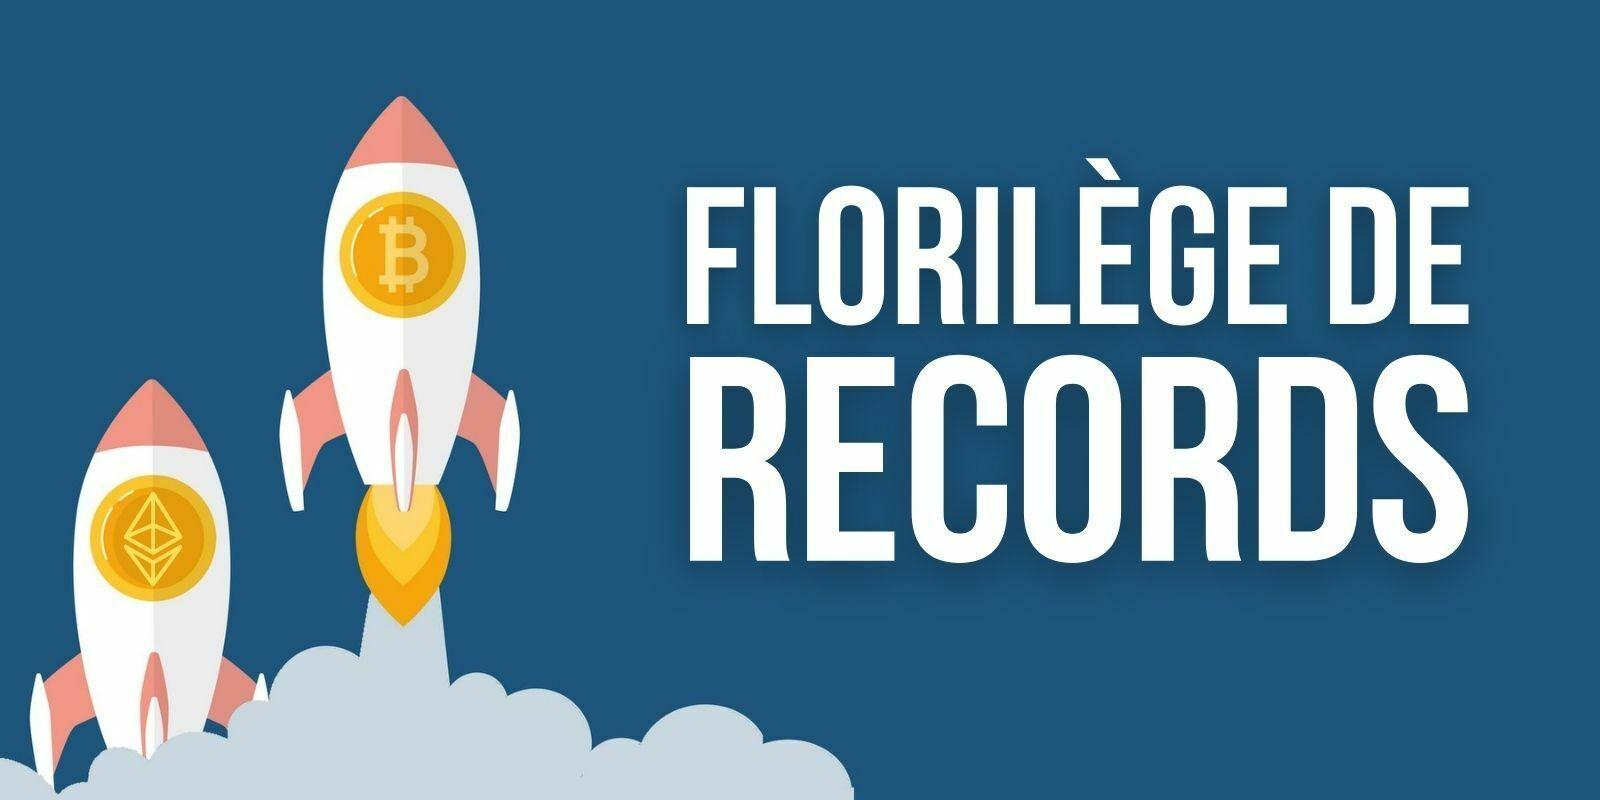 Le Bitcoin (BTC), l'Ether (ETH) et d'autres altcoins atteignent des records absolus